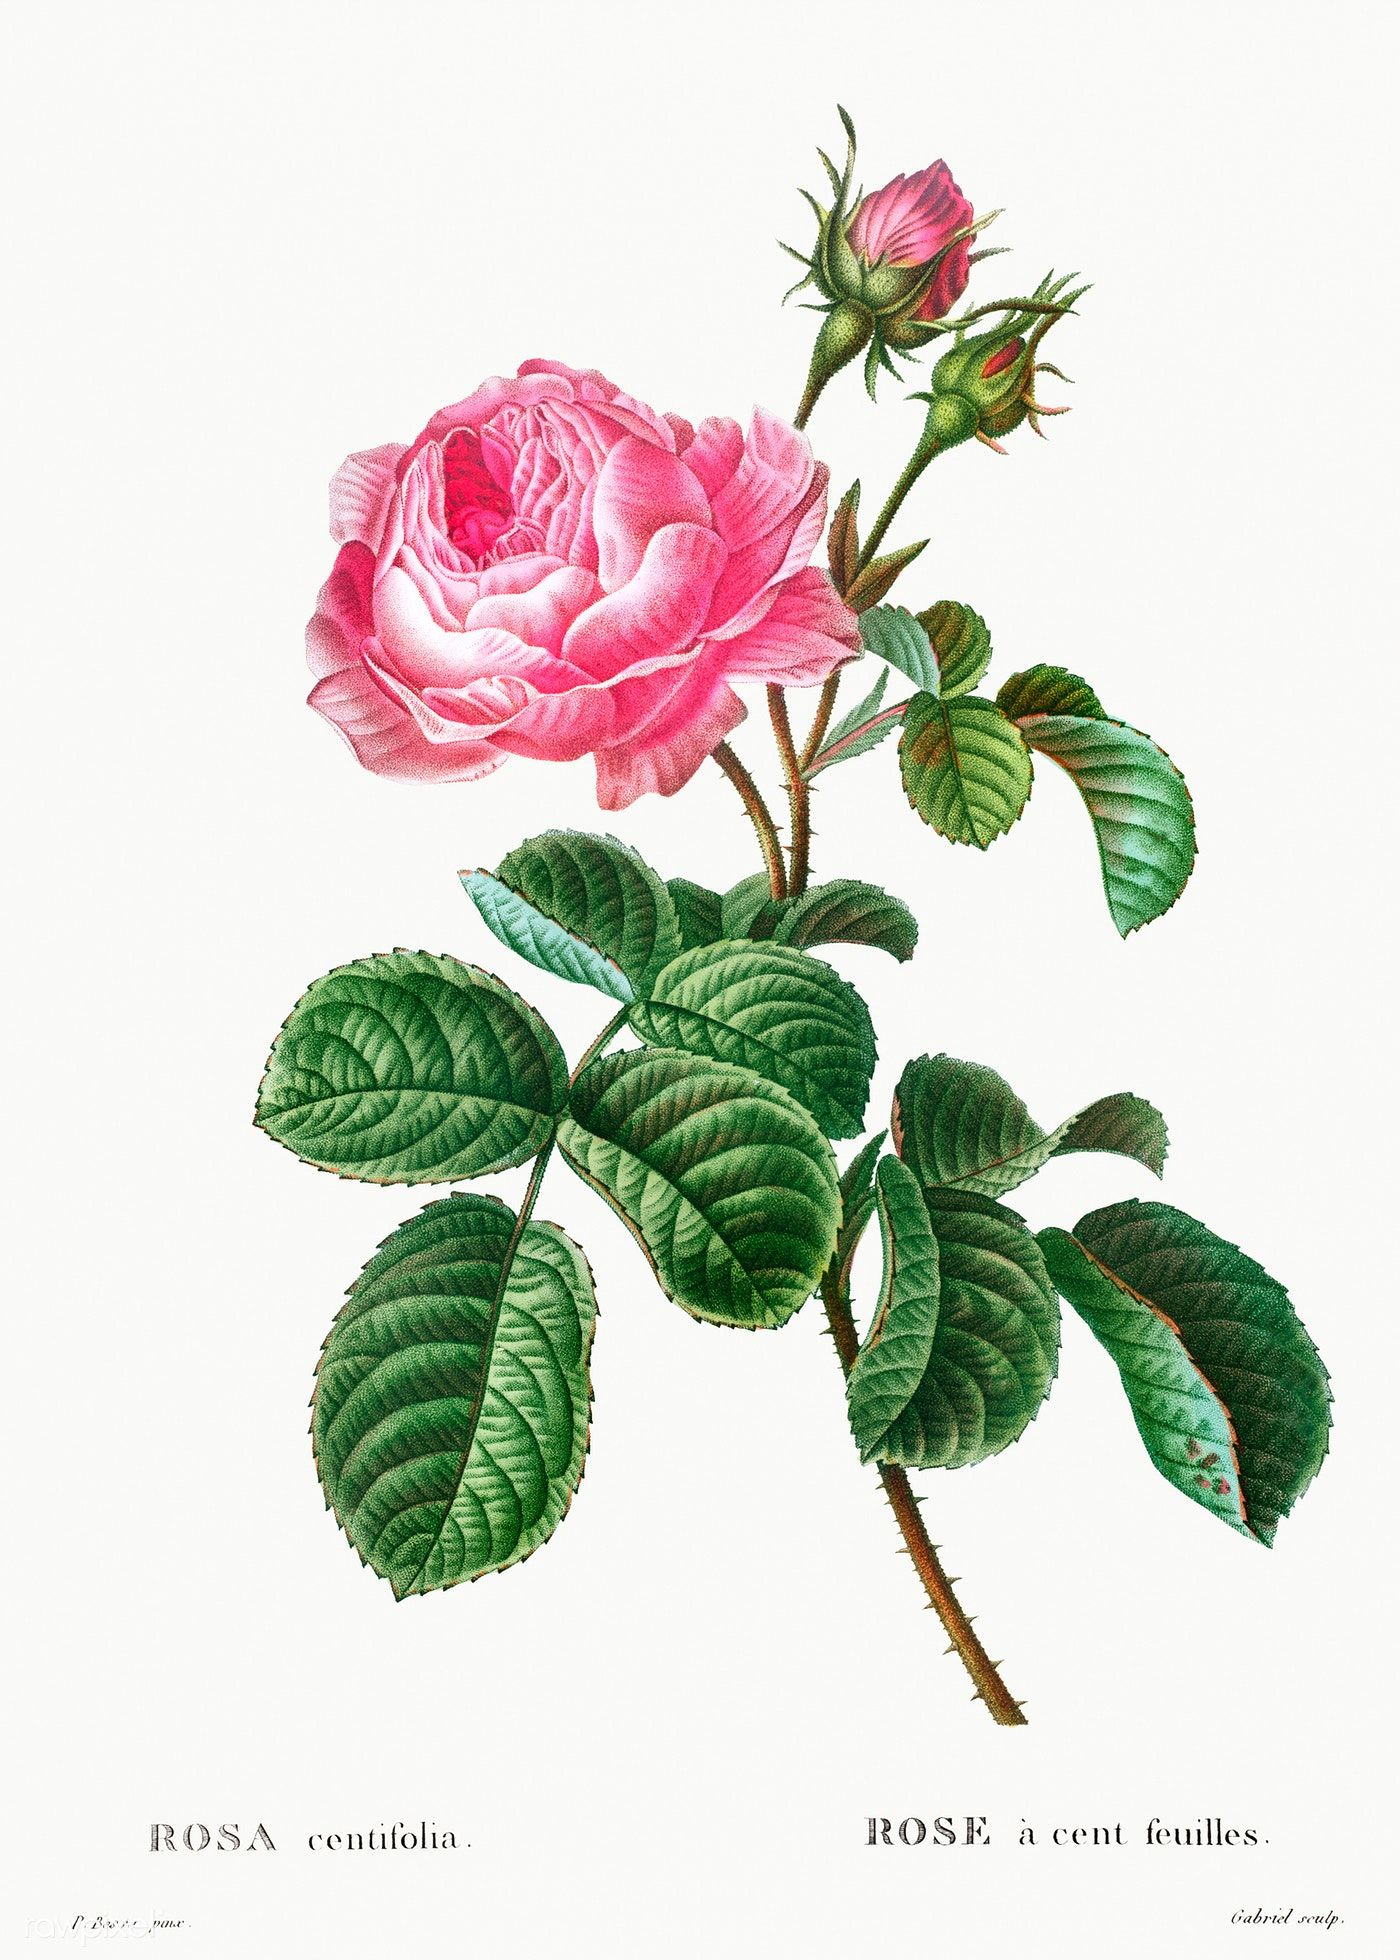 Cabbage rose (Rosa centifolia) from Traité des Arbres et